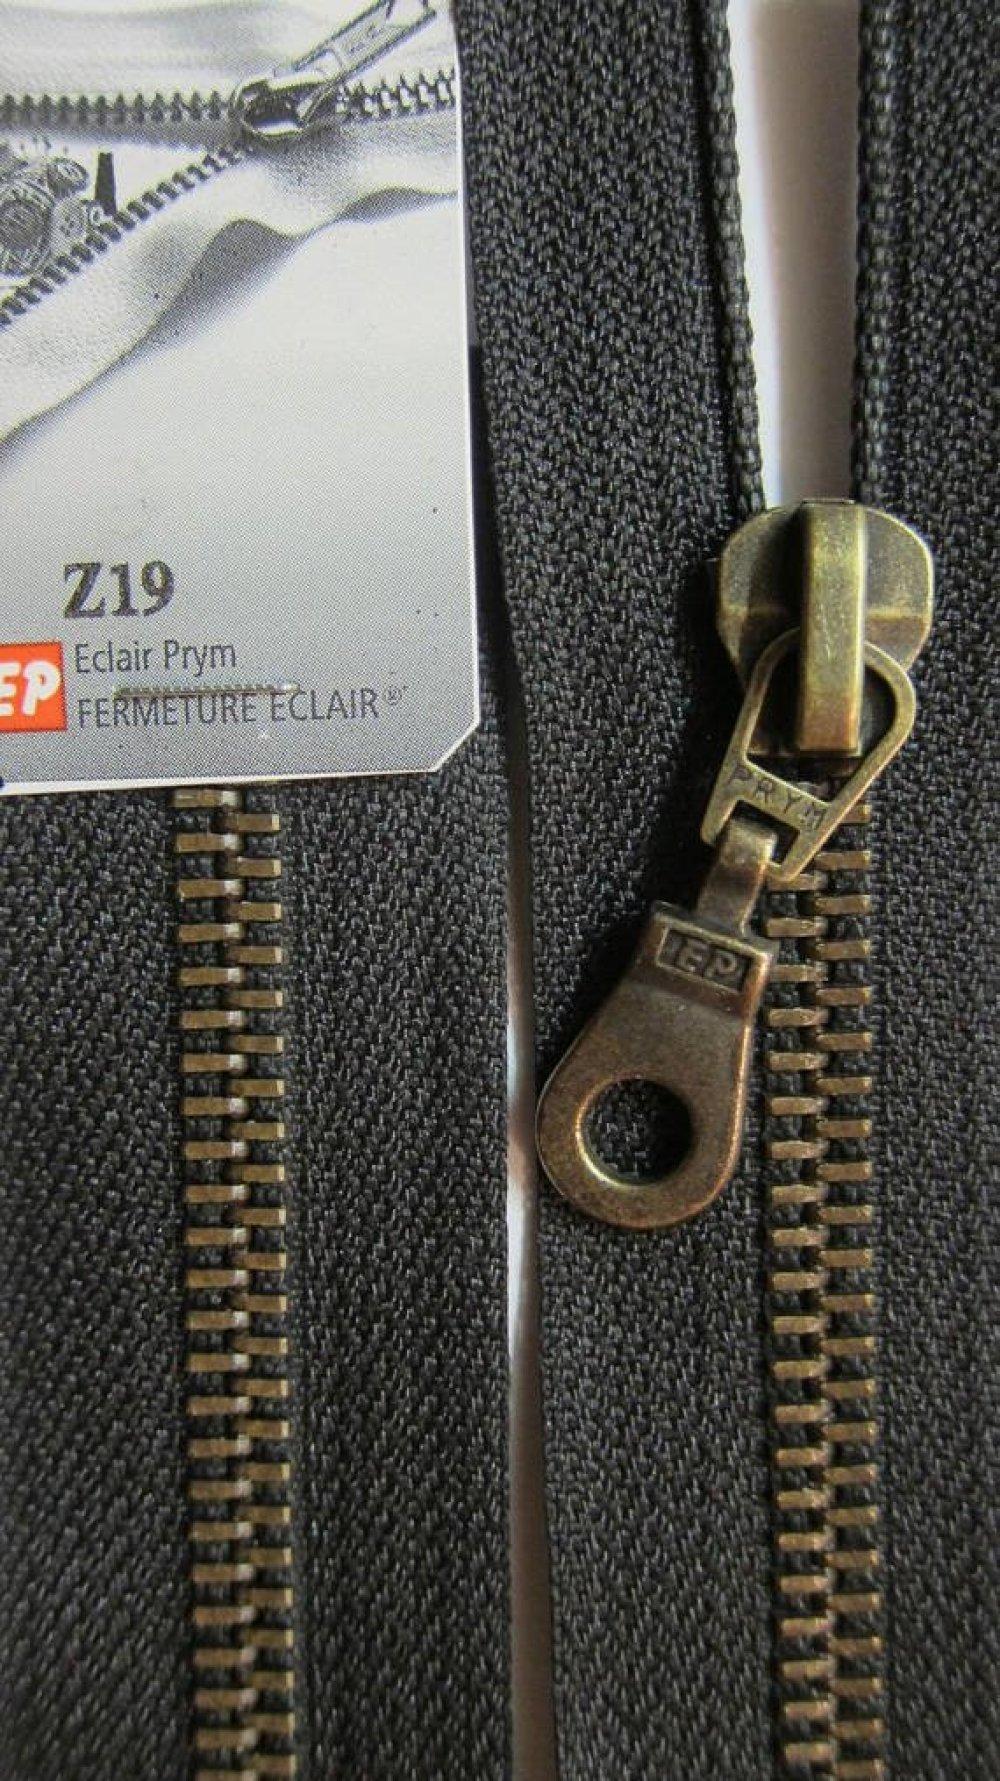 Fermeture Eclair 65 cm noir laiton séparable  Prym Z19